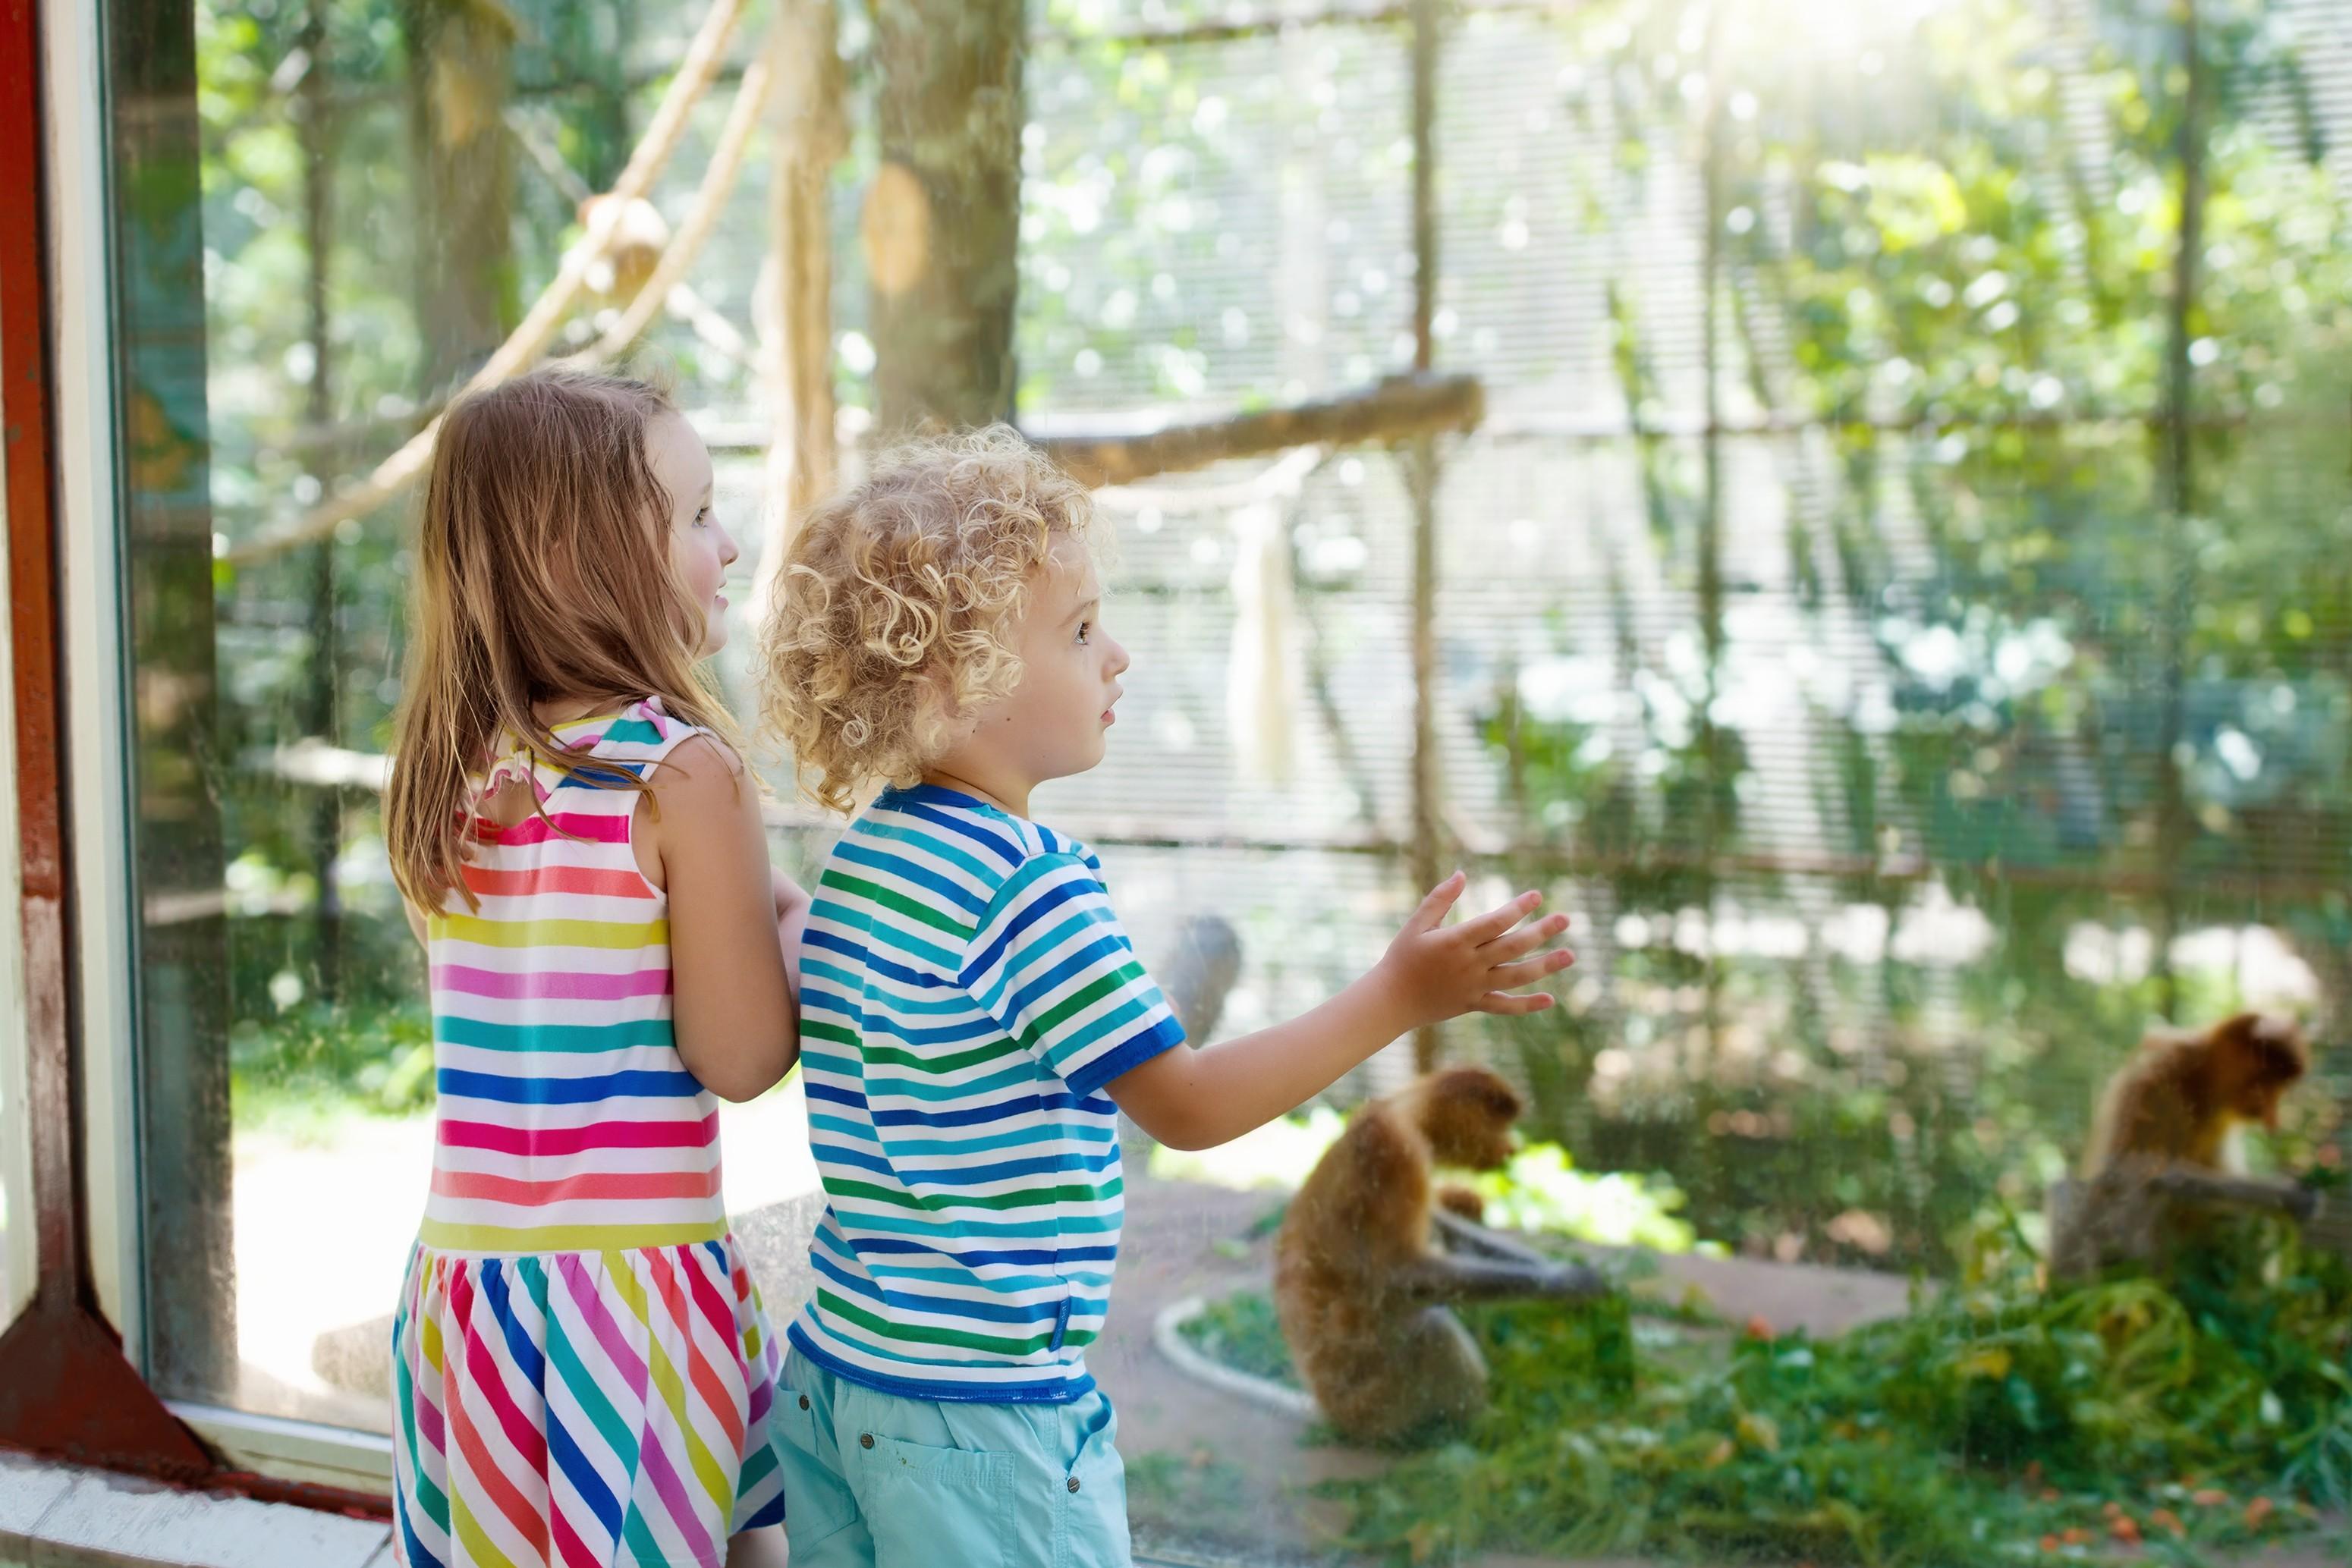 A técnica utilizada para dar risada é comum entre macacos e bebês pequenos (Foto: Thinkstock)